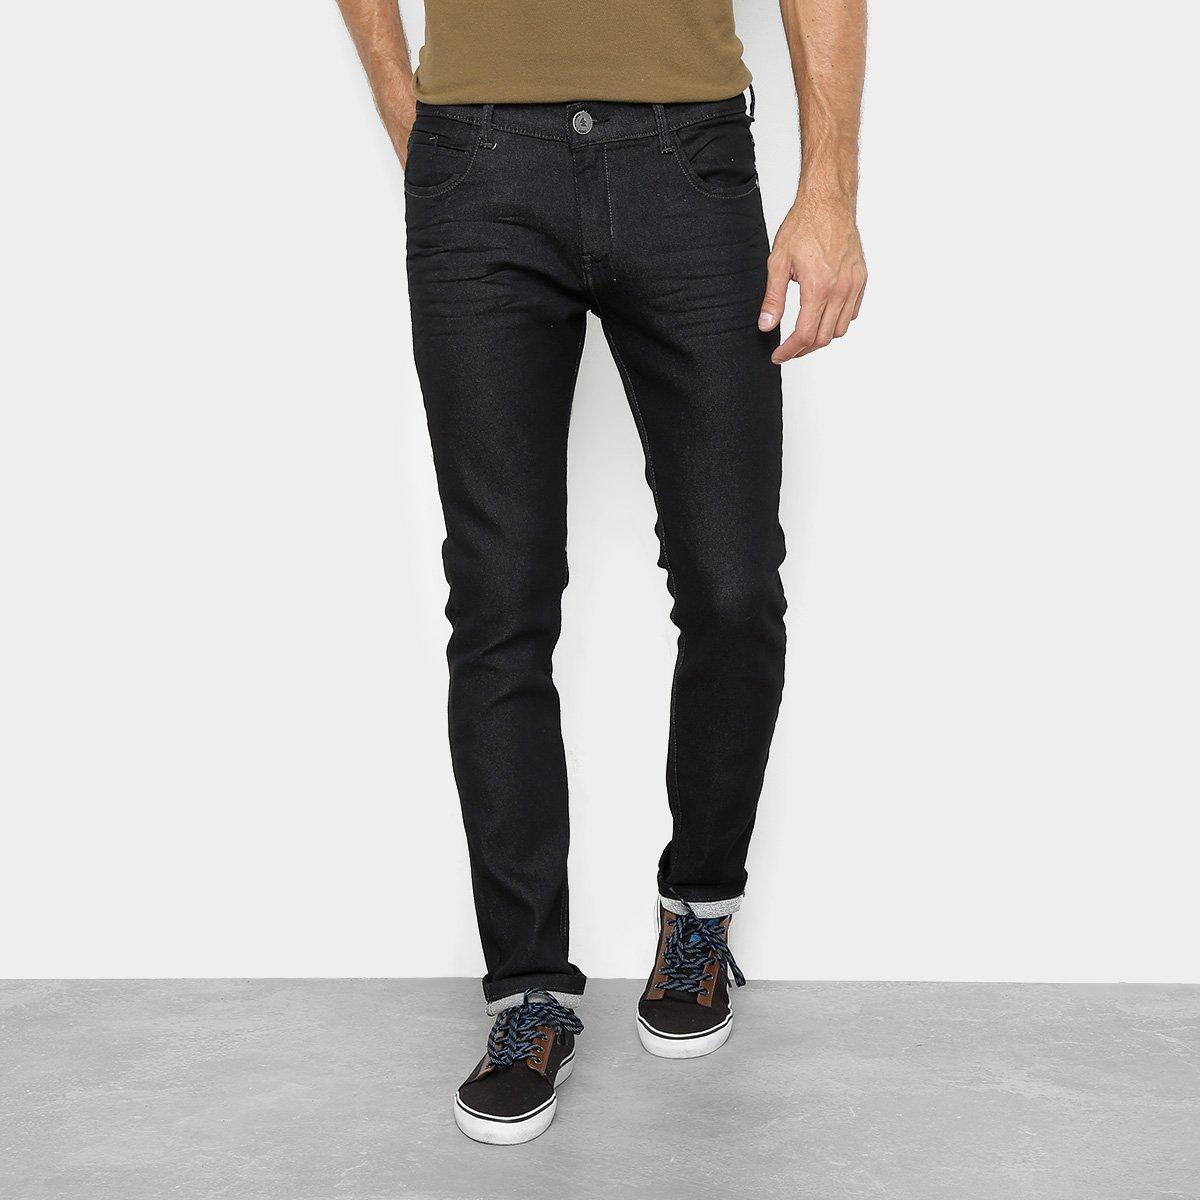 0302be81a Calça Jeans Preston Confort Jeans Moletinho Masculina